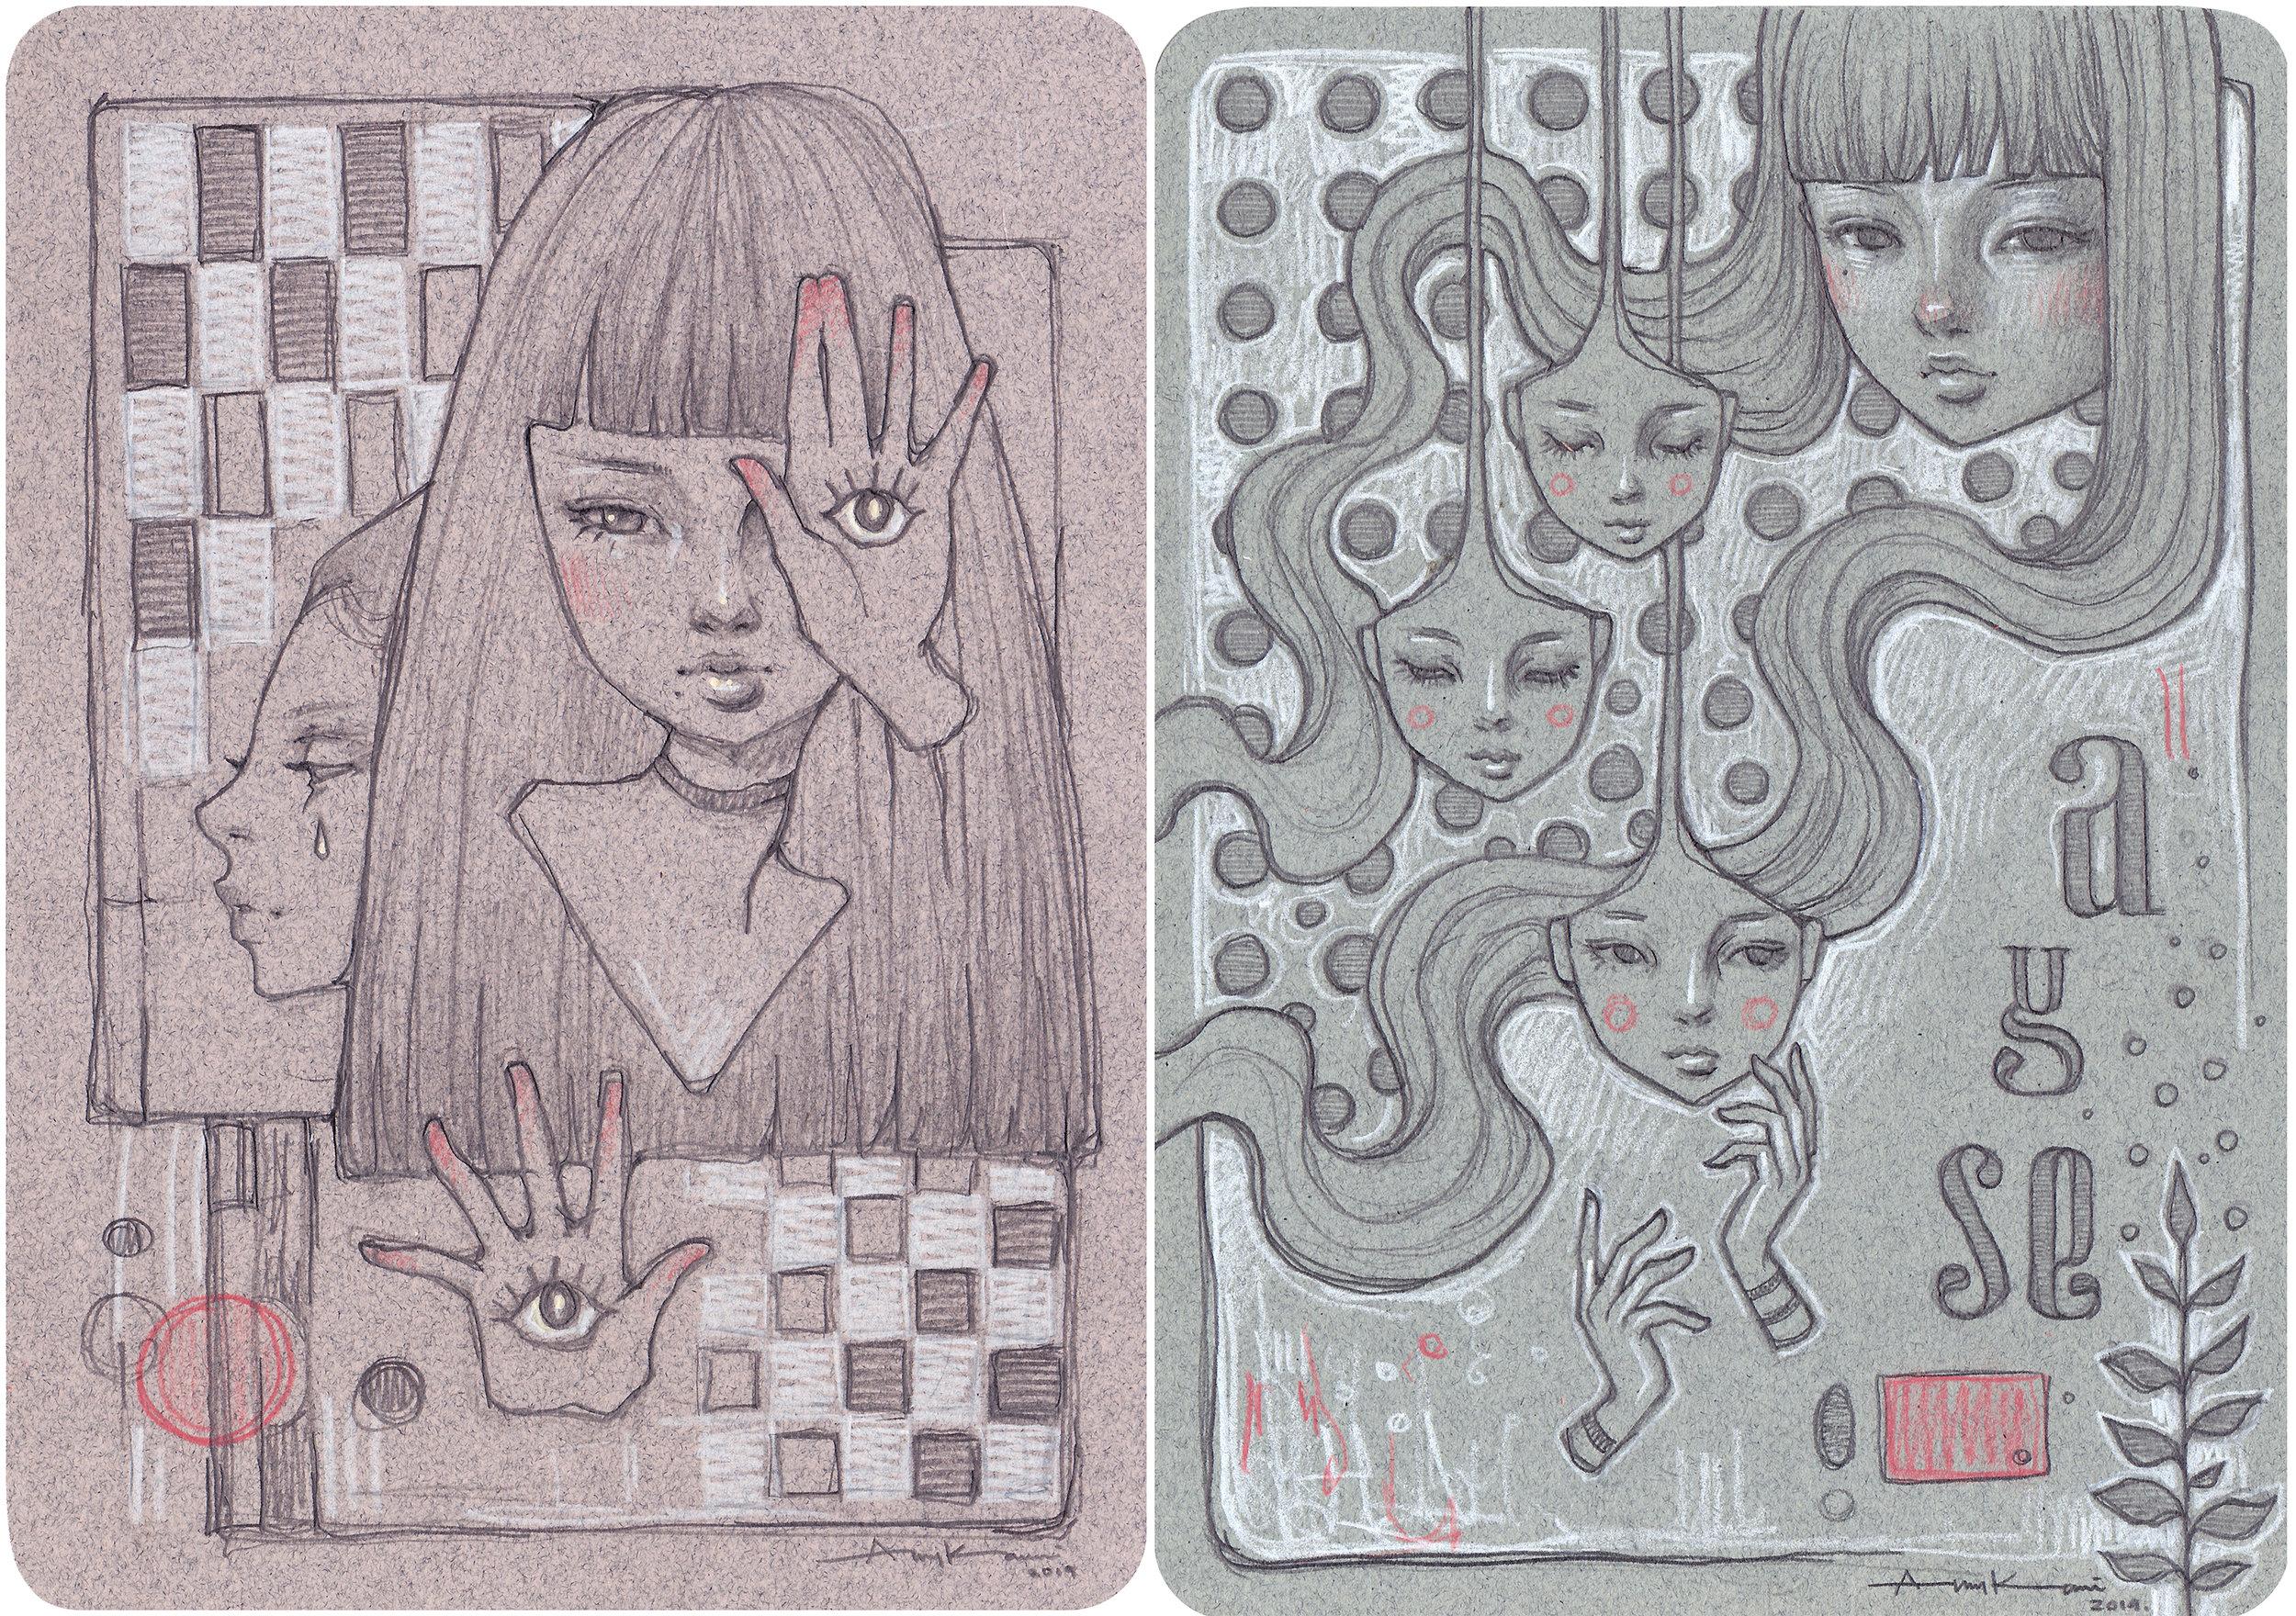 Rakugaki doodles